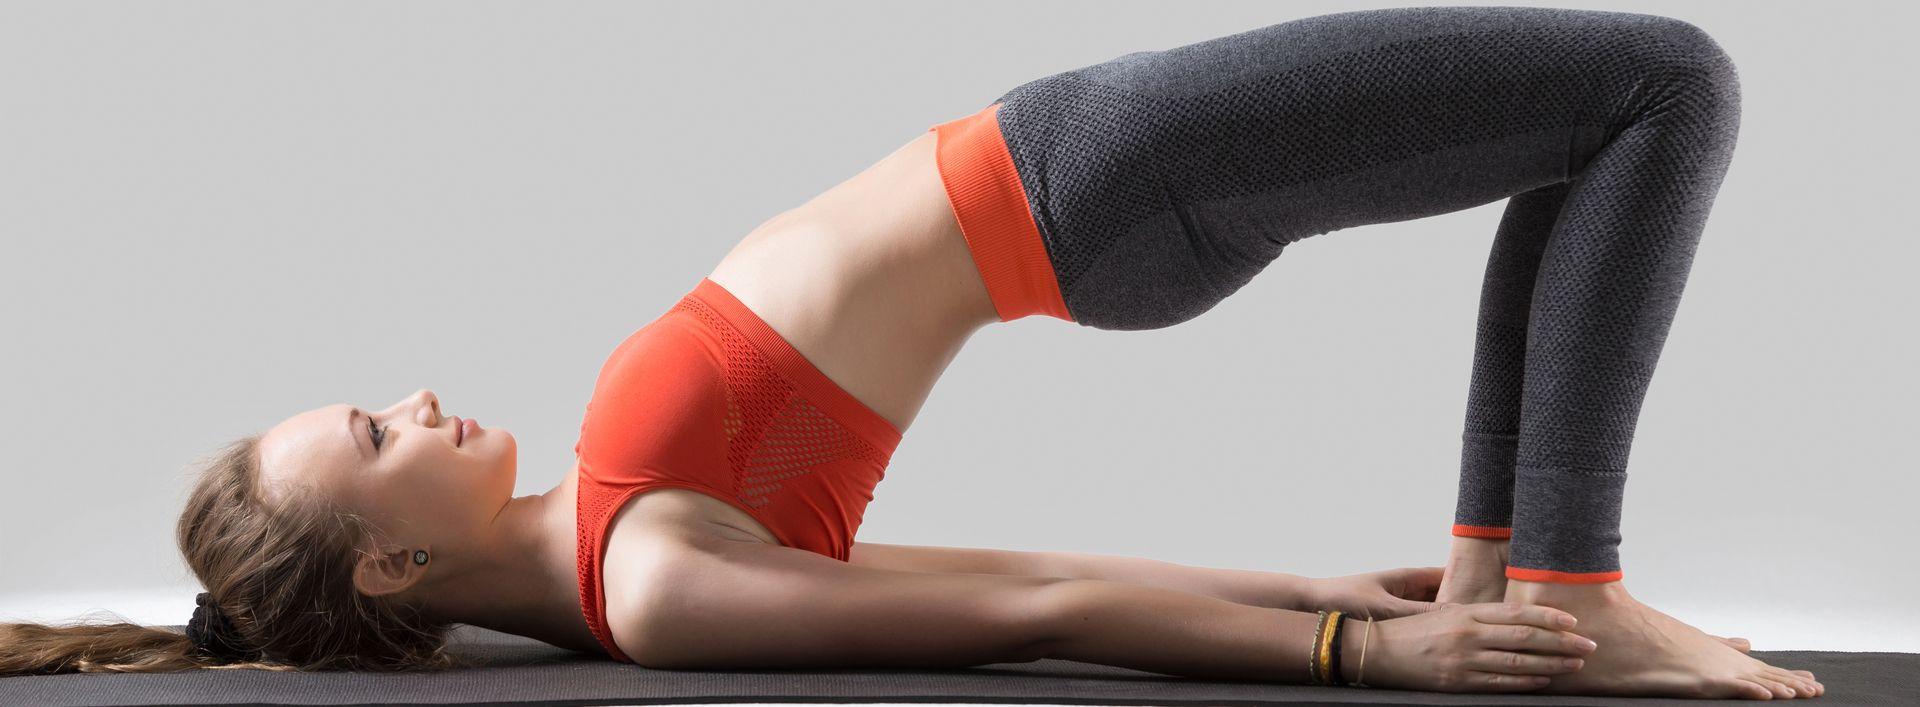 Интимная гимнастика для женщин: для чего нужна и чем полезна?